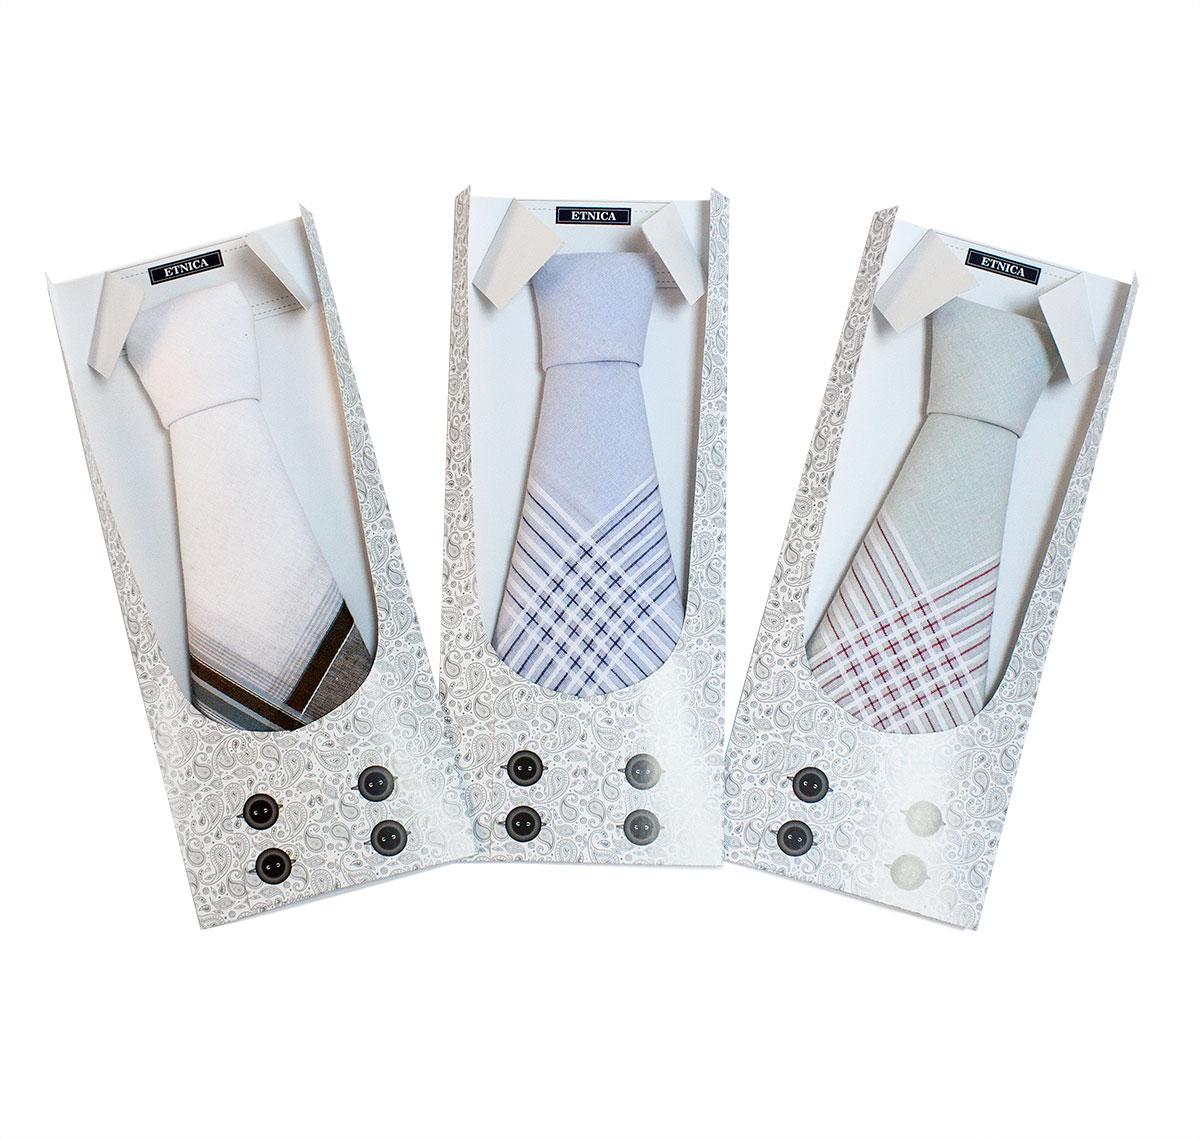 Мужской носовой платок (1 шт) Пс 07-1 Жилетка в подарочной упаковке, в ассортименте